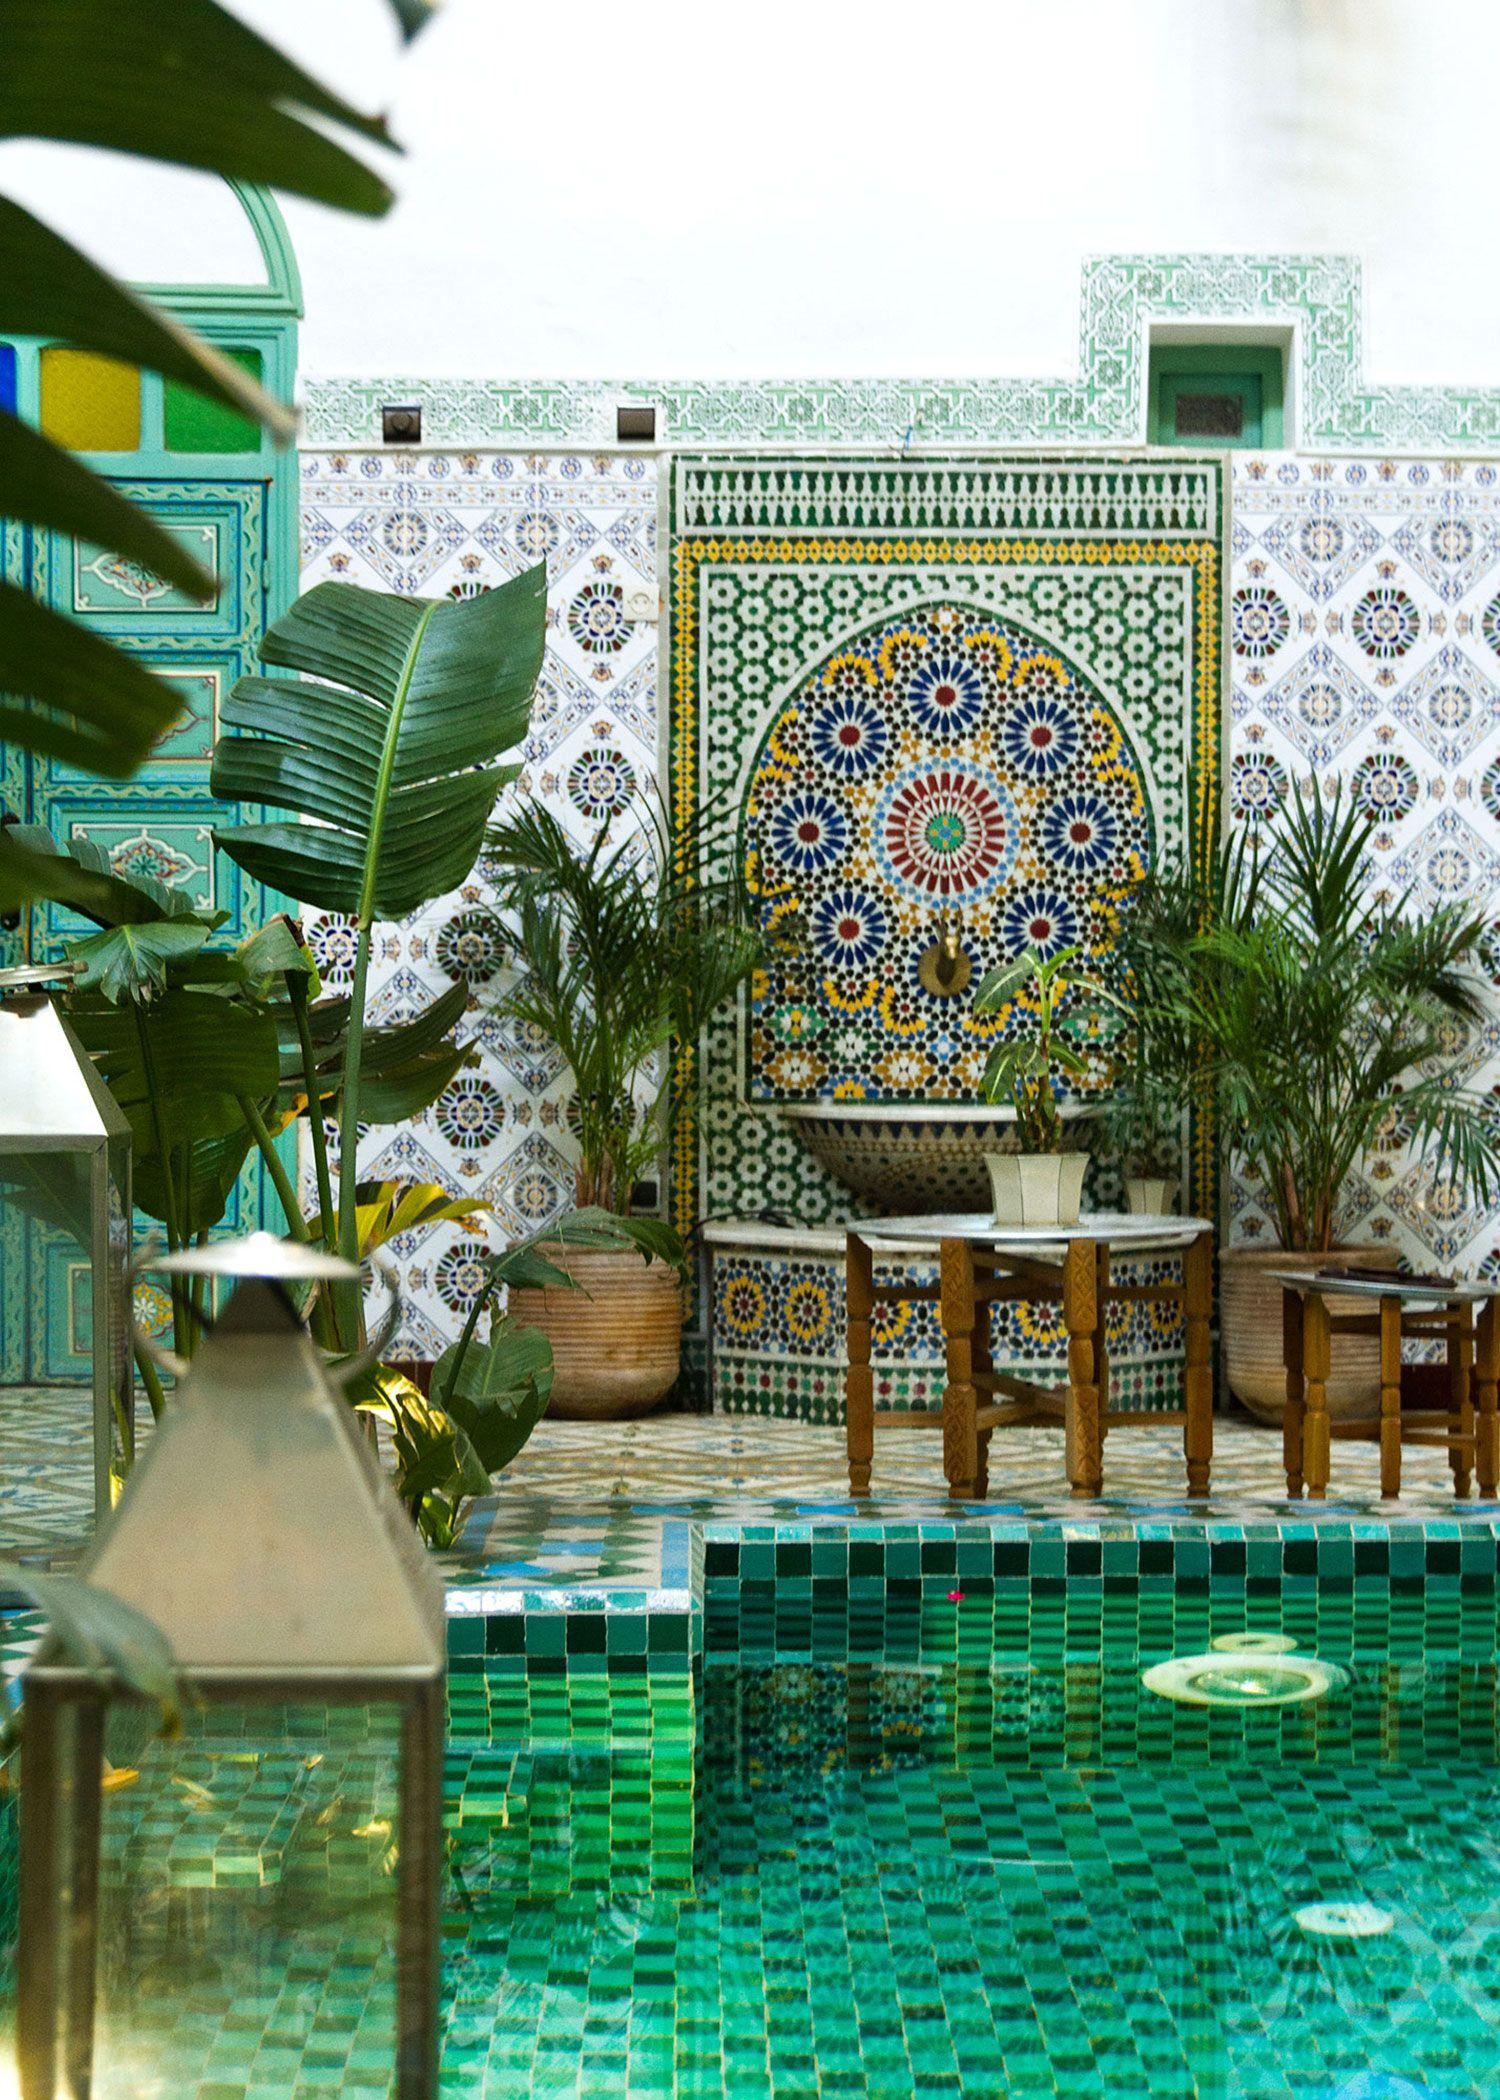 Im Schatten Kuhler Oasen Inspiration Garten Templumx Blog Idee Einrichtung Dekoration Marrakesch Marokkanisches Design Marokkanische Inneneinrichtung